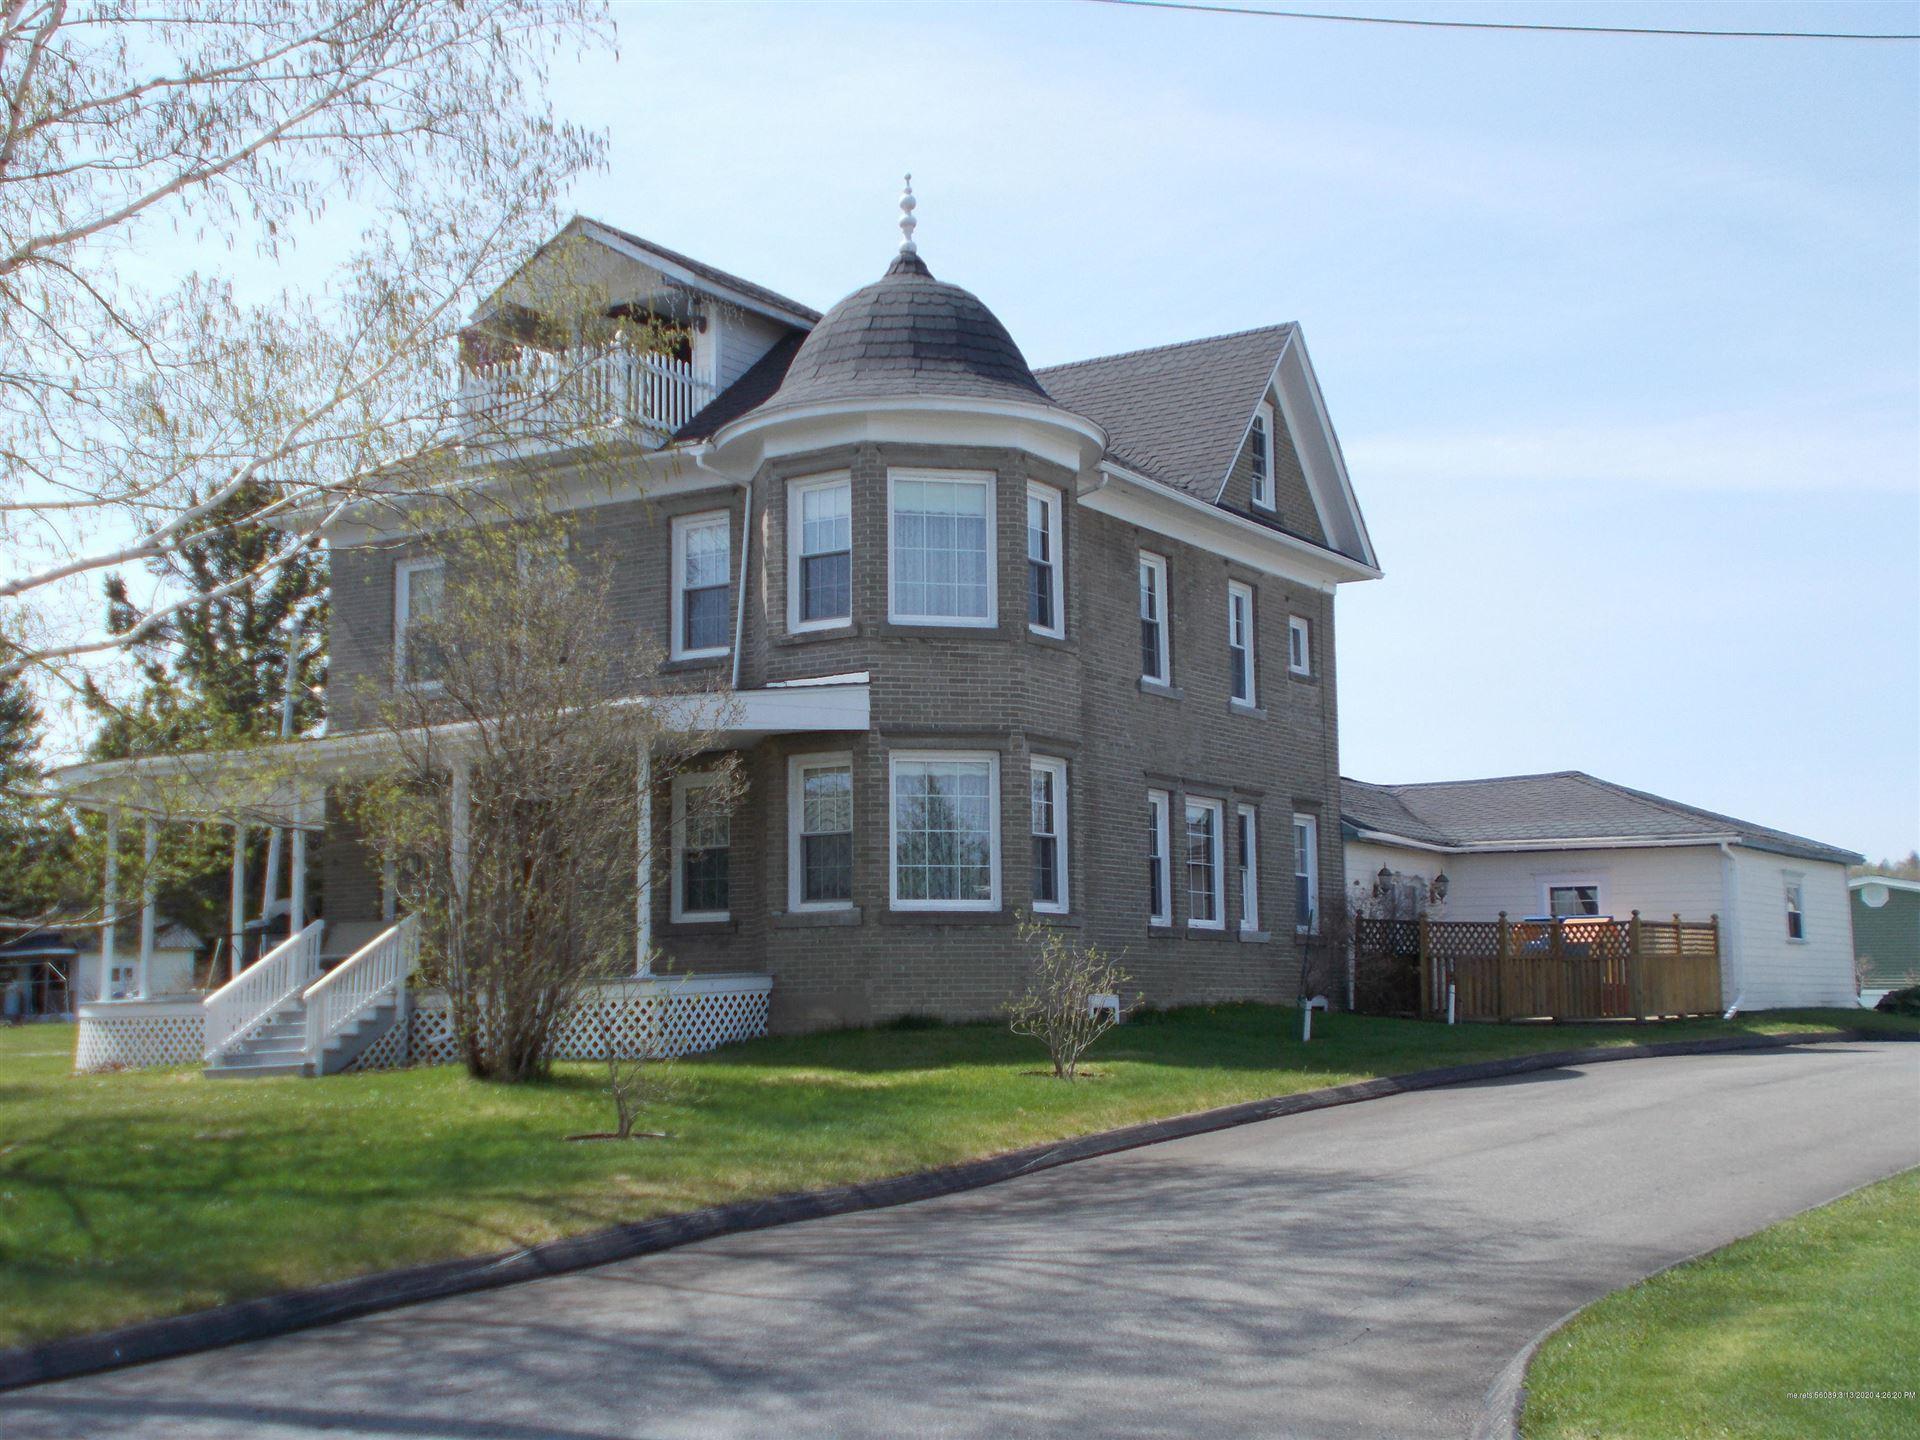 Photo of 104 Pond Road, Van Buren, ME 04785 (MLS # 1447014)